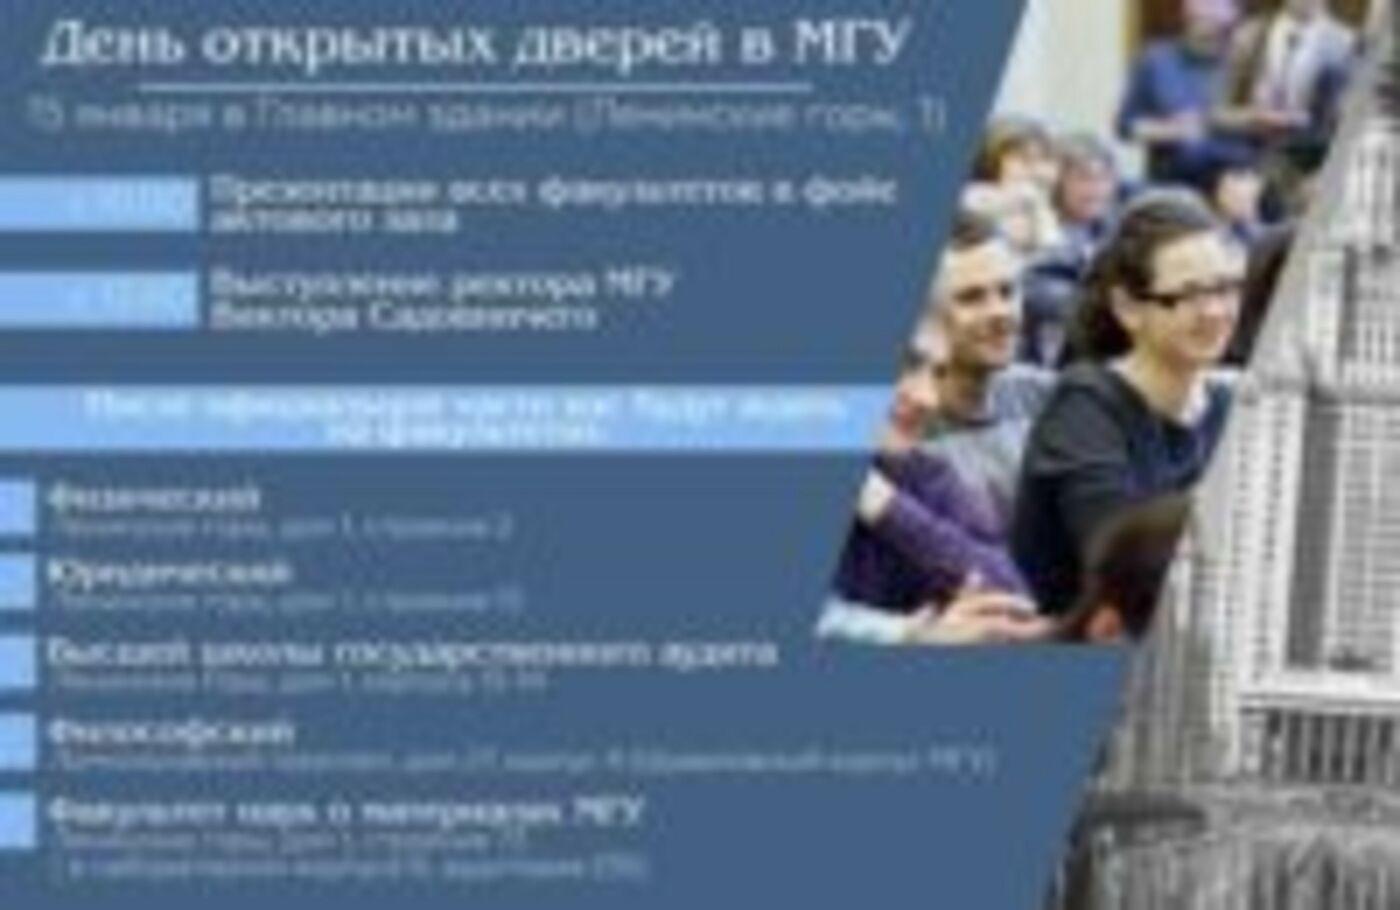 День открытых дверей в МГУ им. Ломоносова